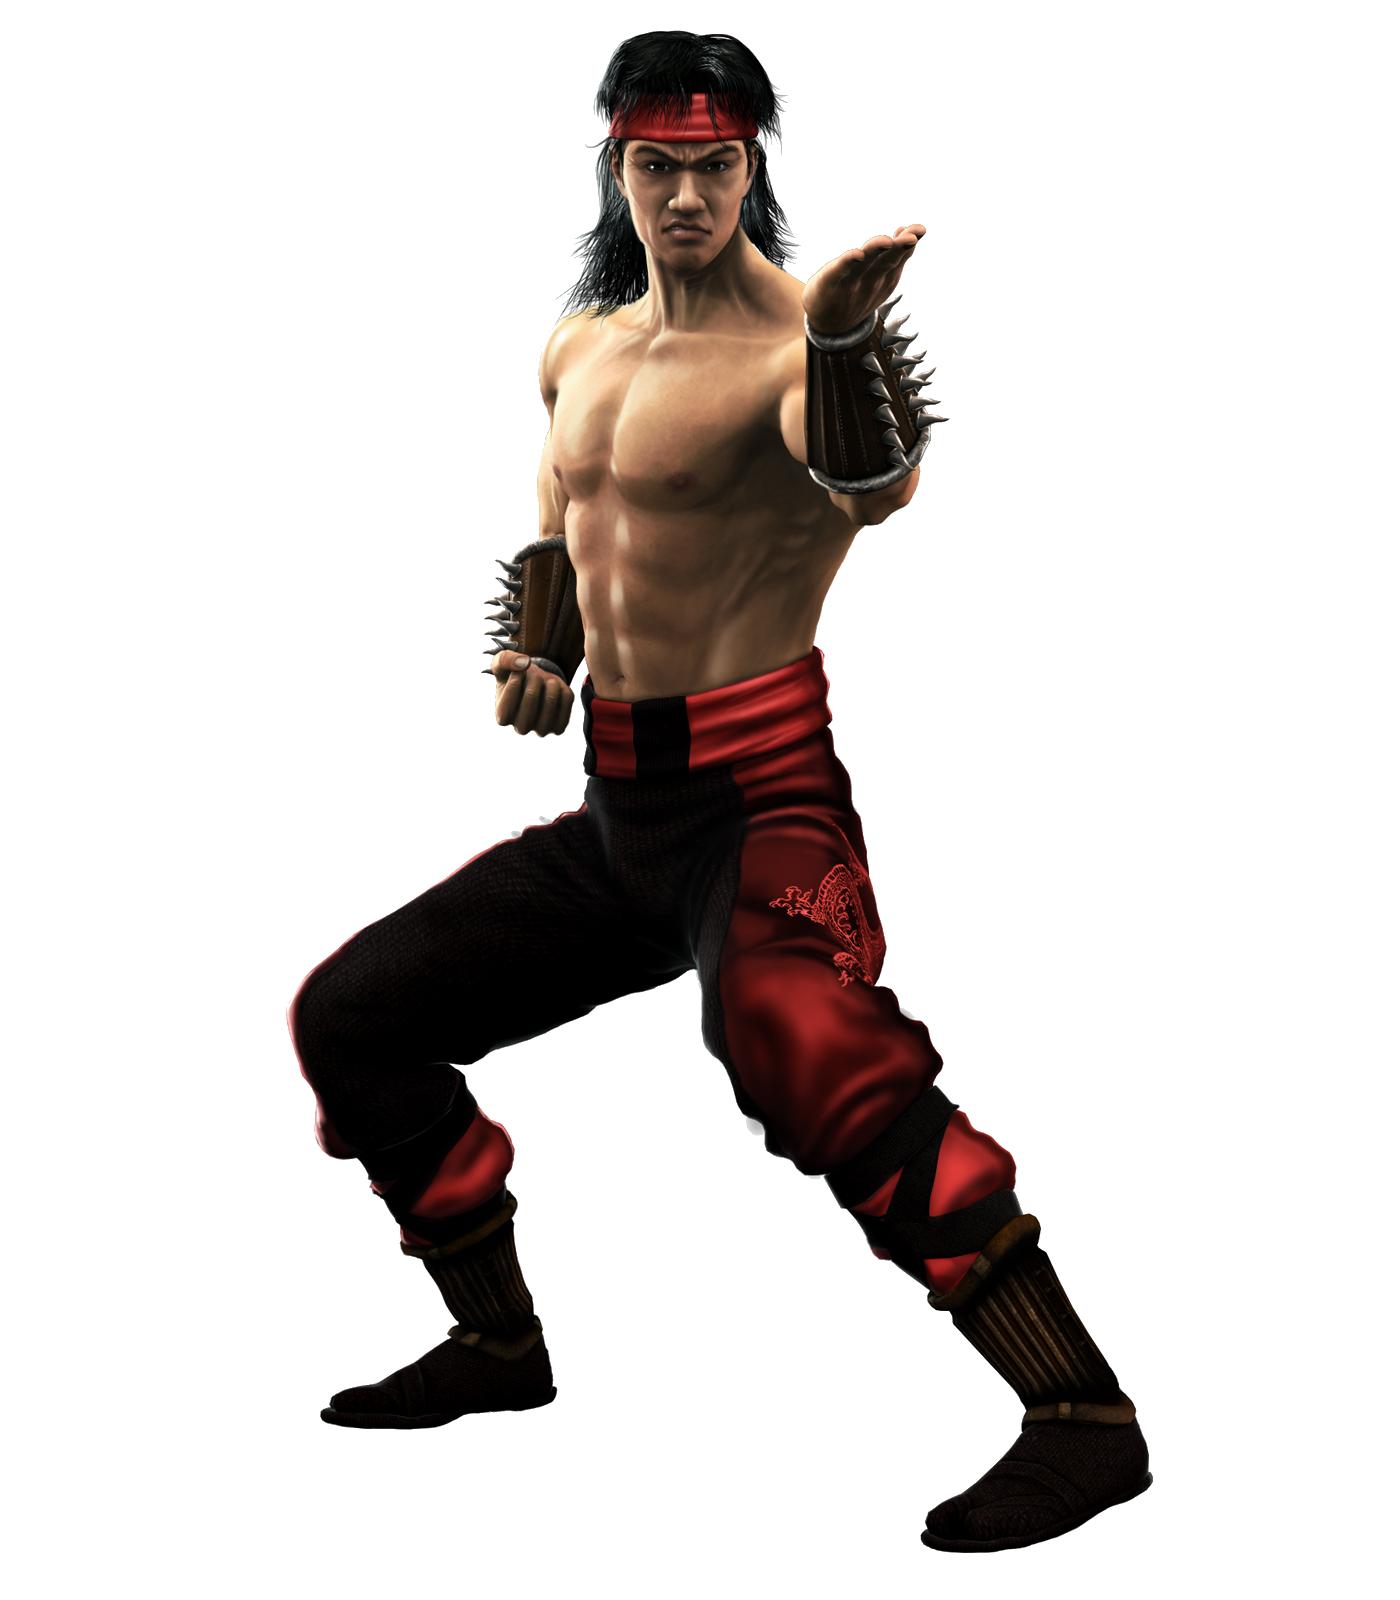 Mortal Kombat clipart #5, Download drawings